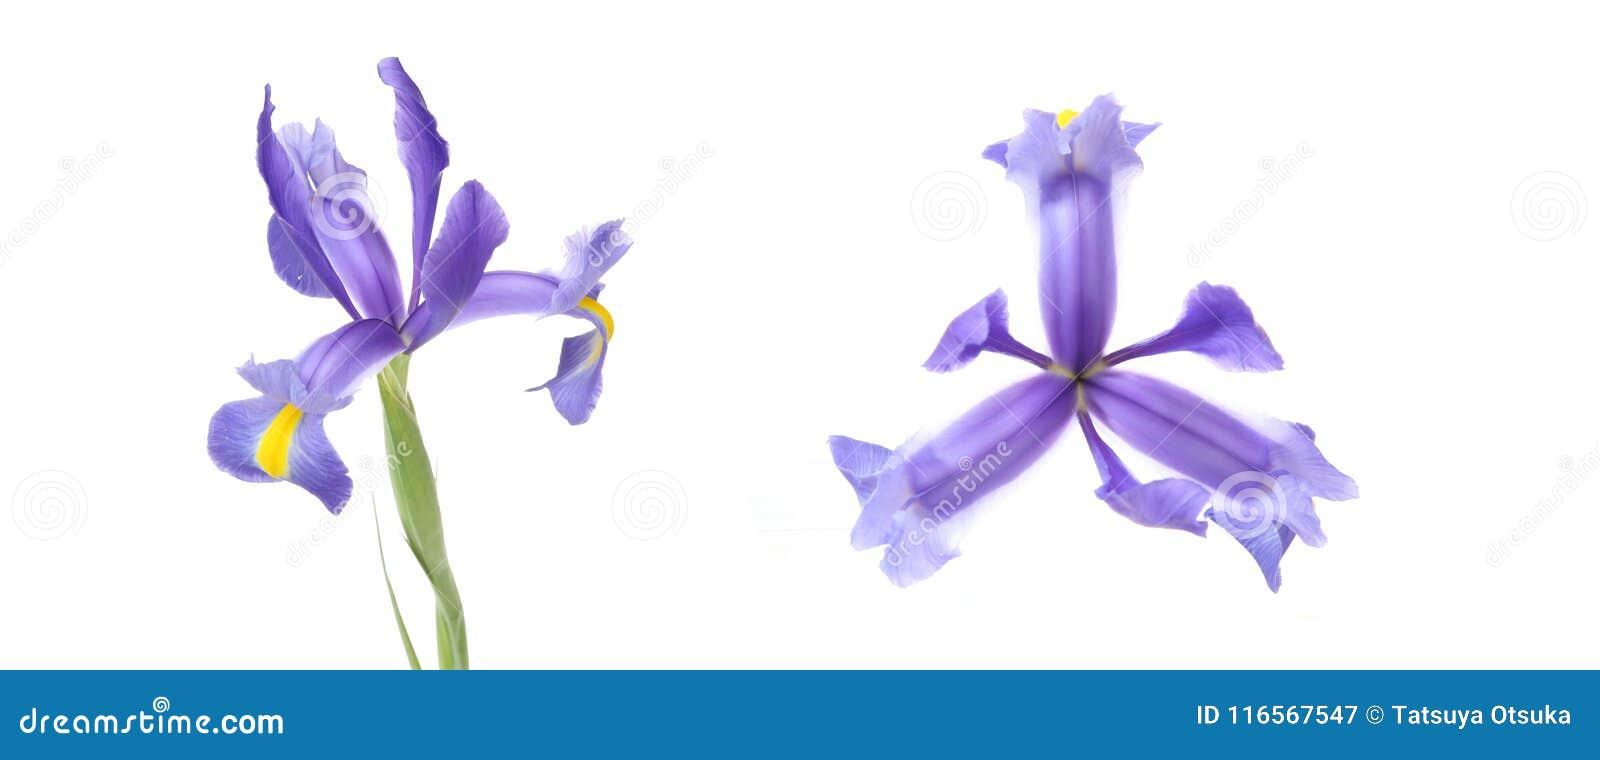 Köpfchen von Iris in einem weißen Hintergrund